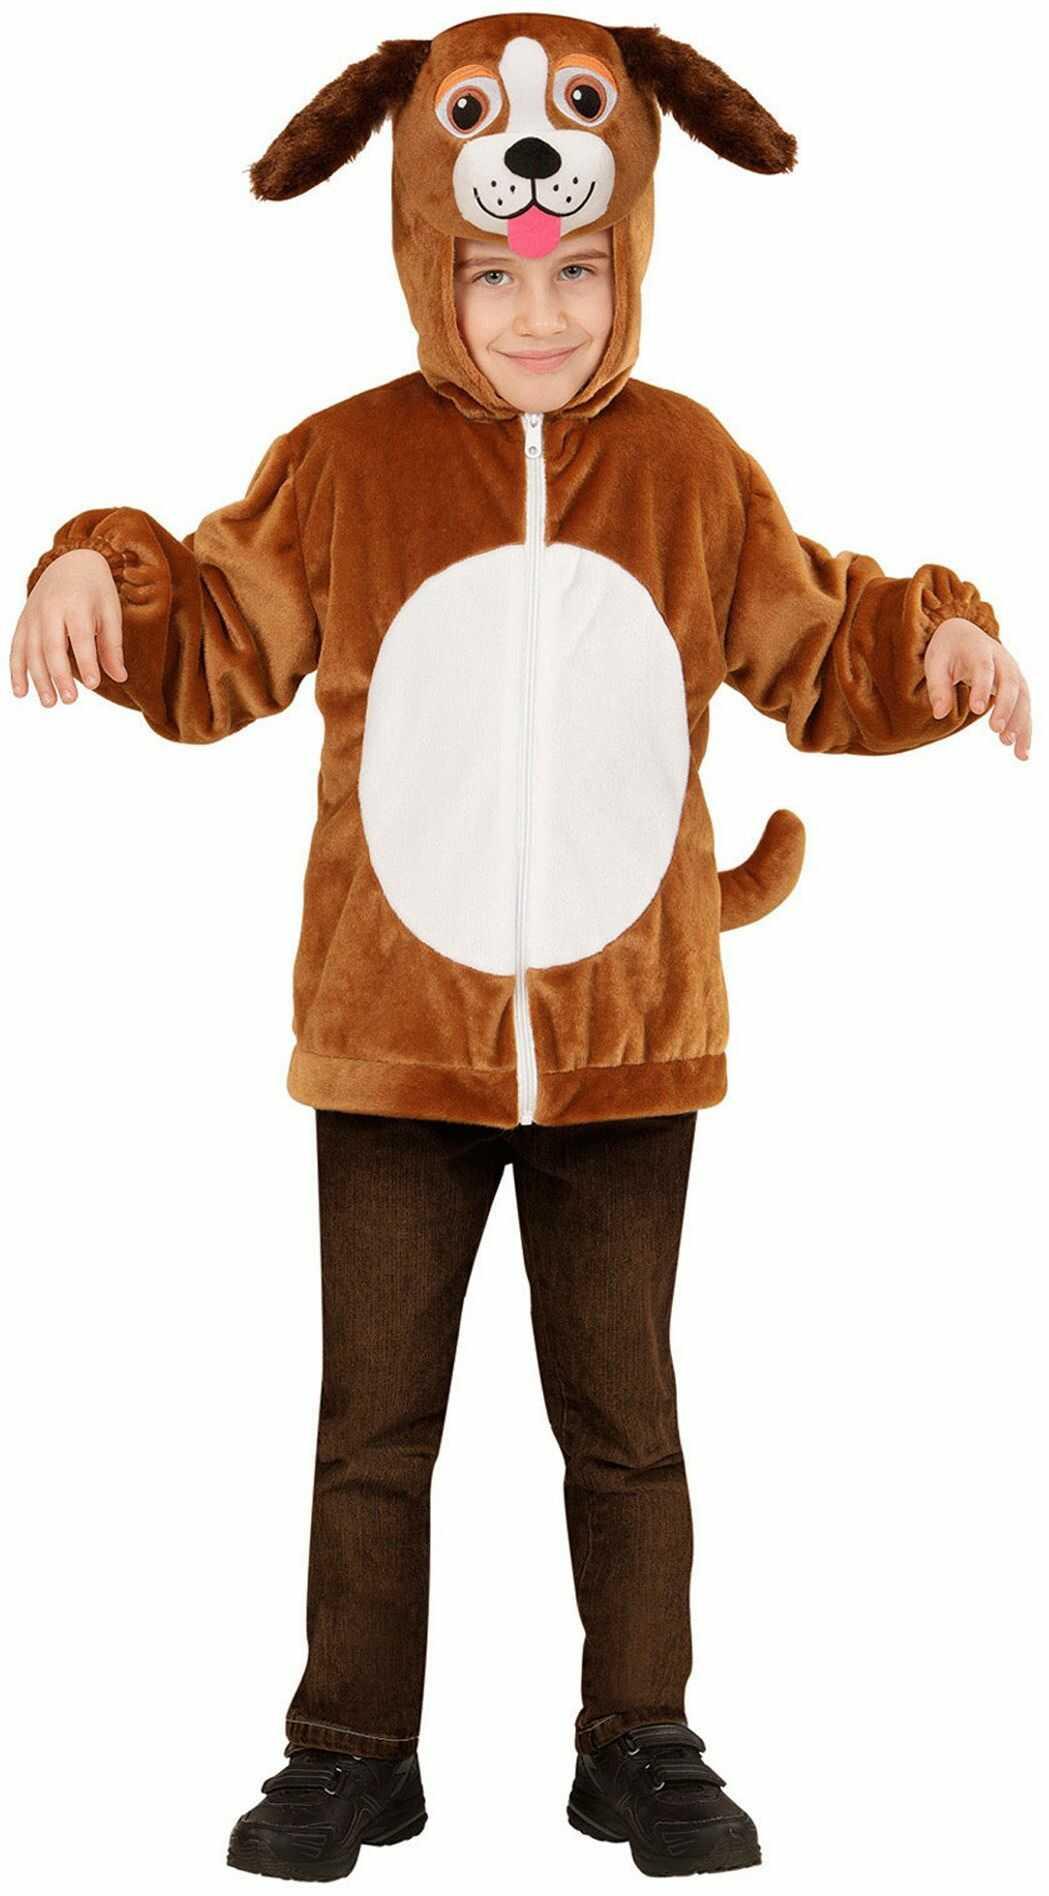 Widmann 97471 - kostium dziecięcy pies z pluszu, kurtka z kapturem i maską